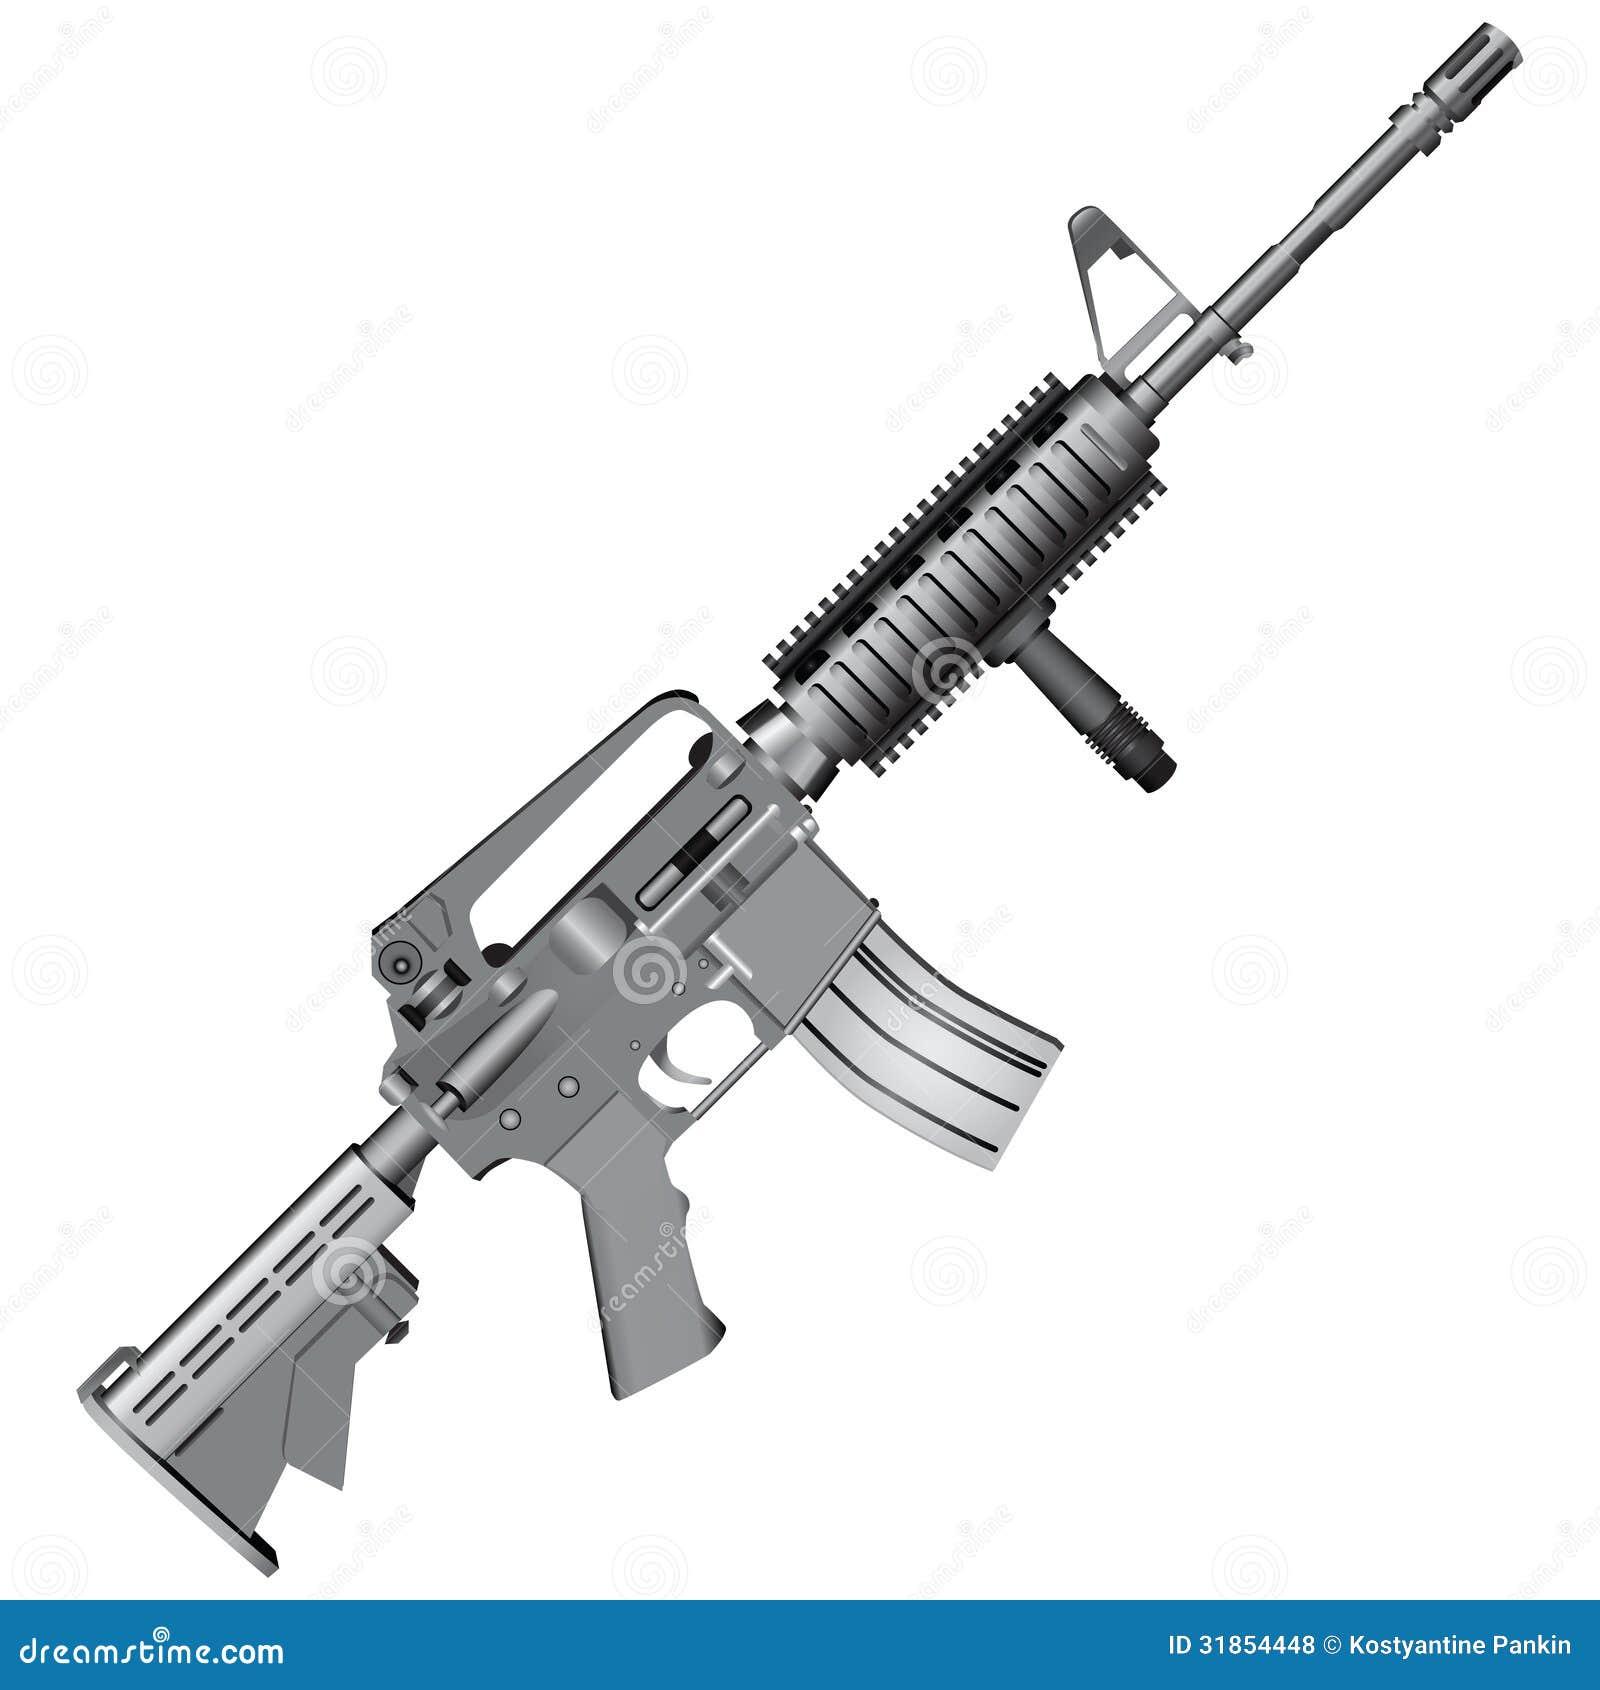 m4 Carbine Vectored by ManicWolf on DeviantArt